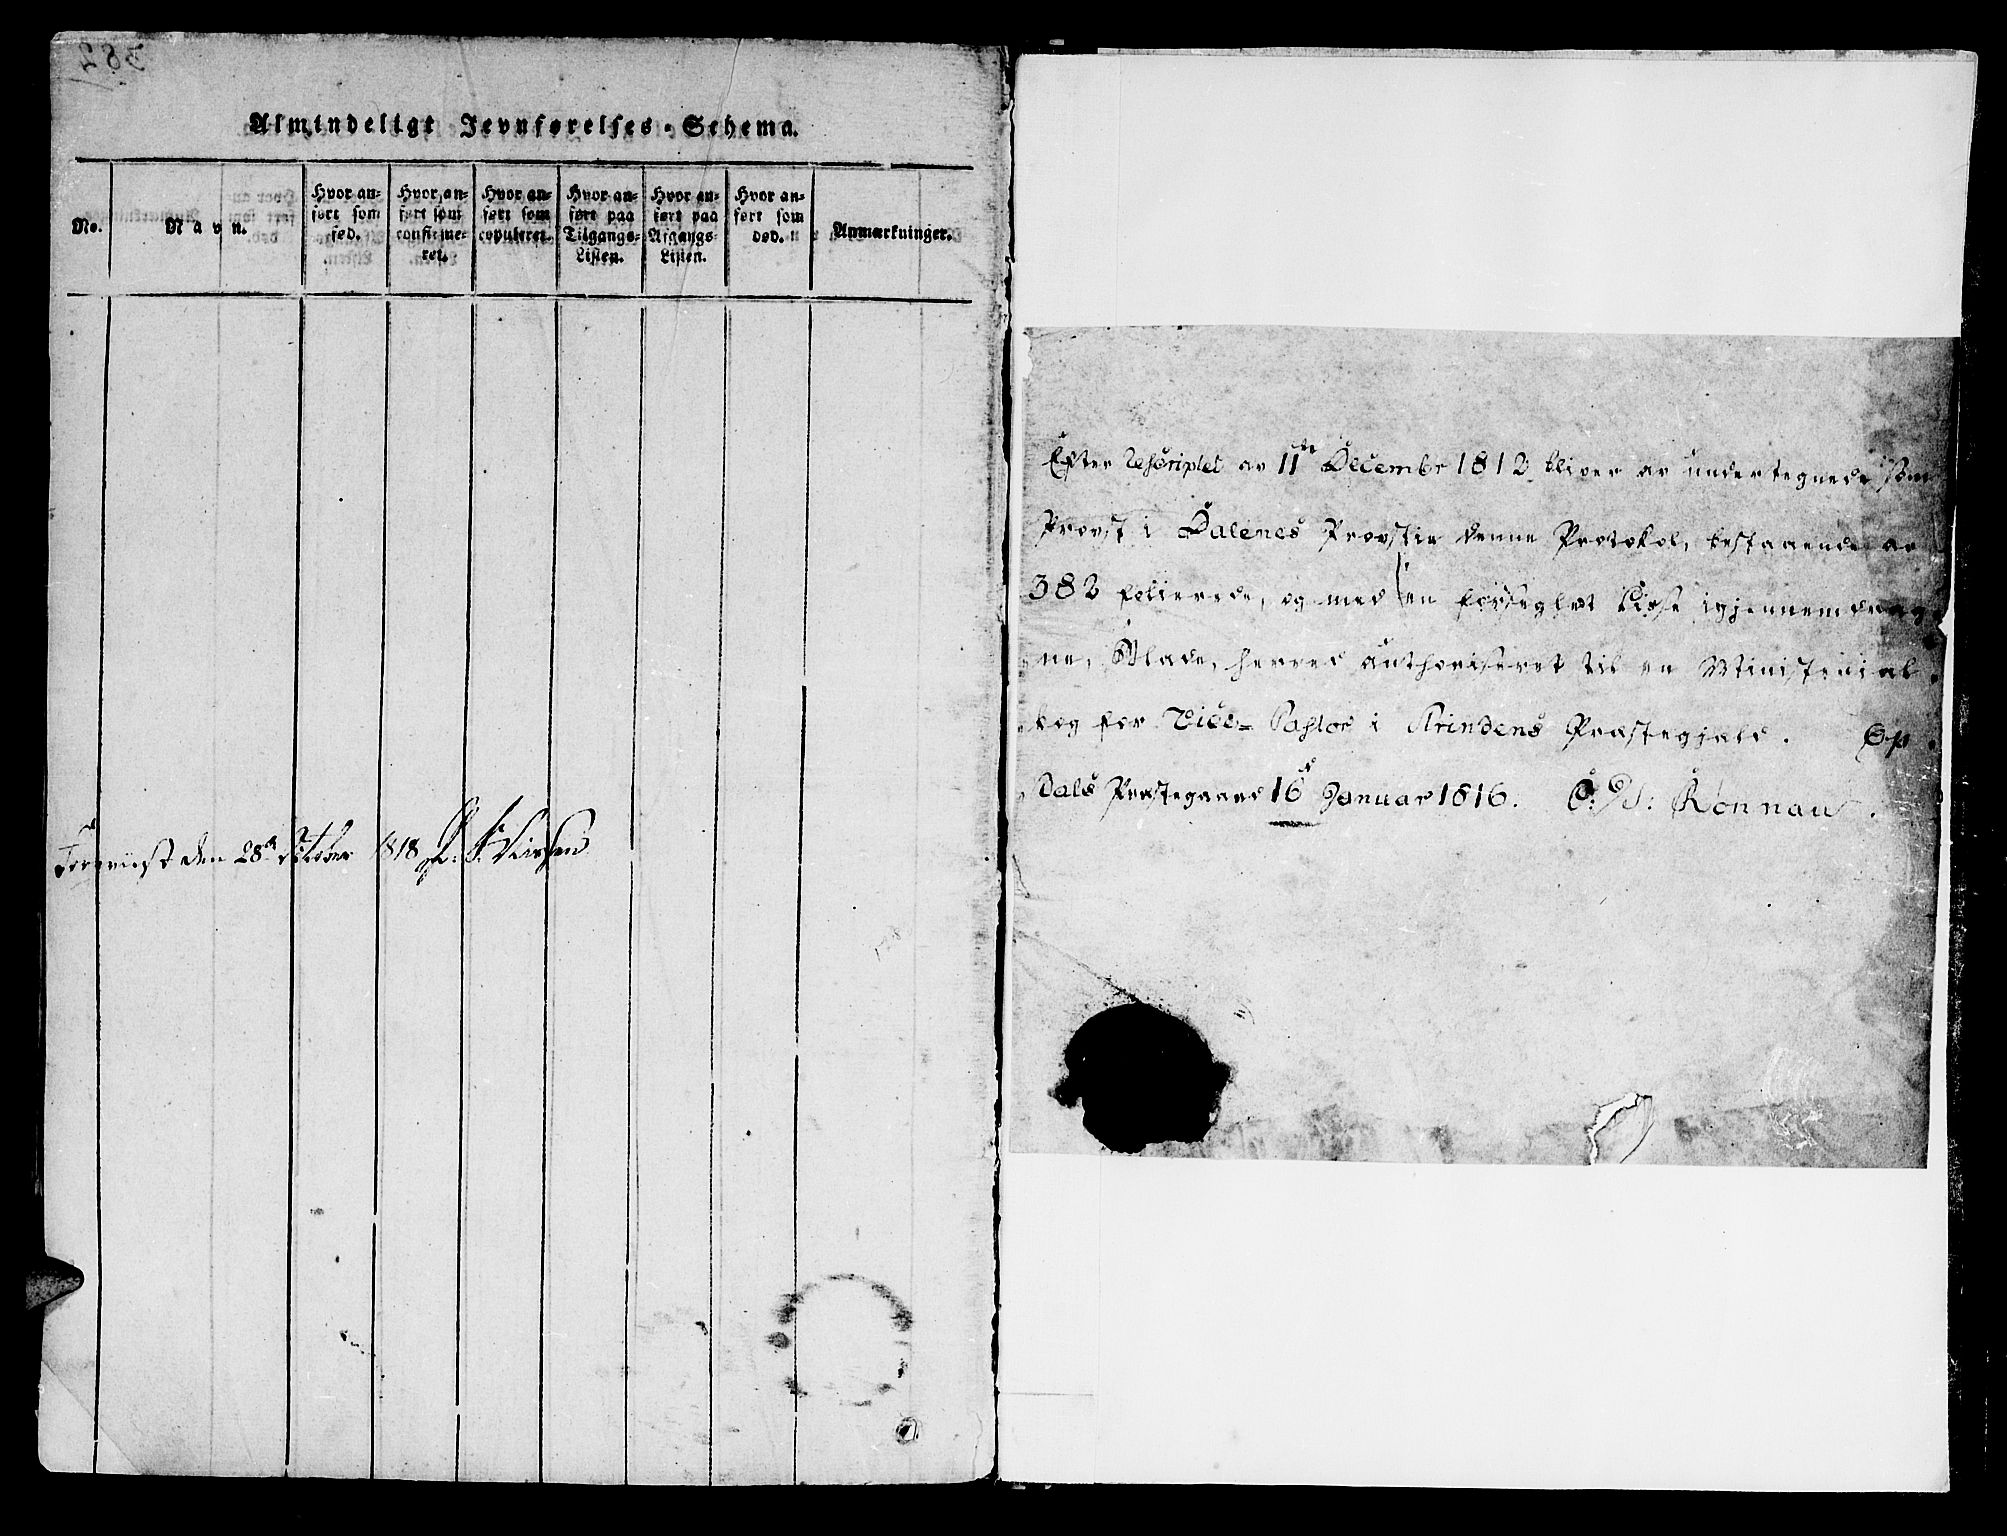 SAT, Ministerialprotokoller, klokkerbøker og fødselsregistre - Sør-Trøndelag, 606/L0283: Ministerialbok nr. 606A03 /1, 1818-1823